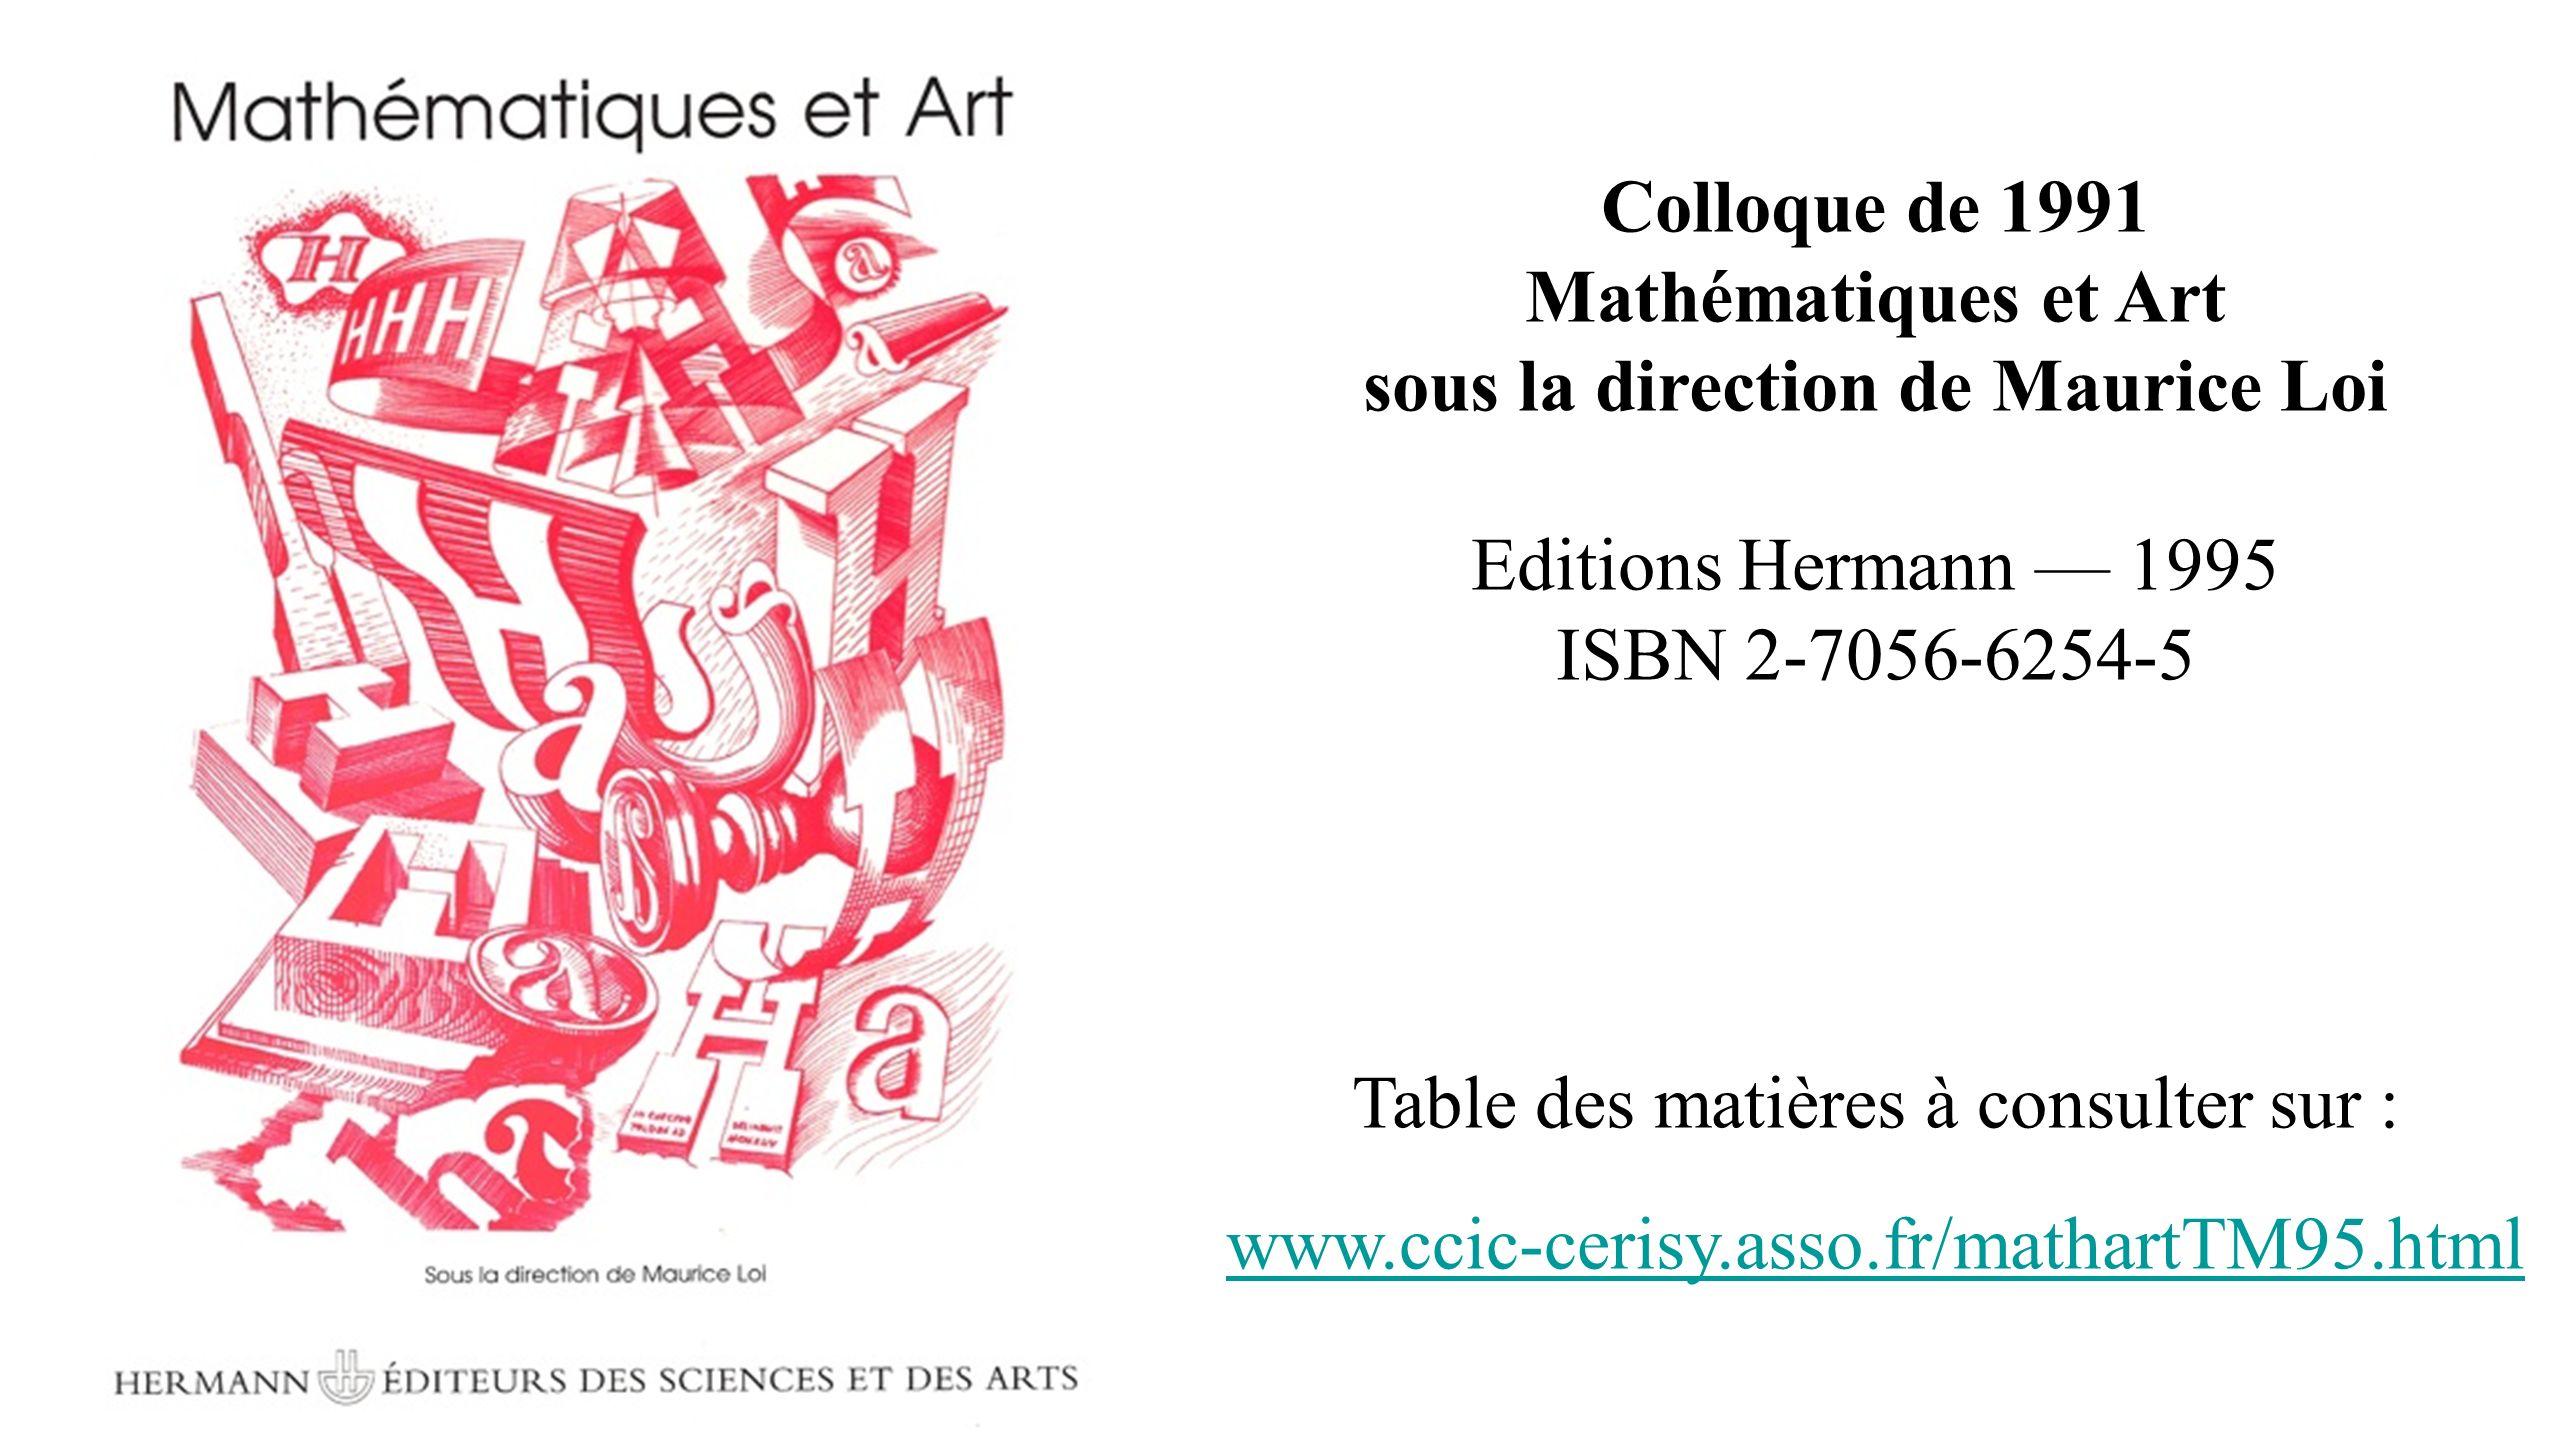 Colloque de 1991 Mathématiques et Art sous la direction de Maurice Loi Editions Hermann 1995 ISBN 2-7056-6254-5 Table des matières à consulter sur : w